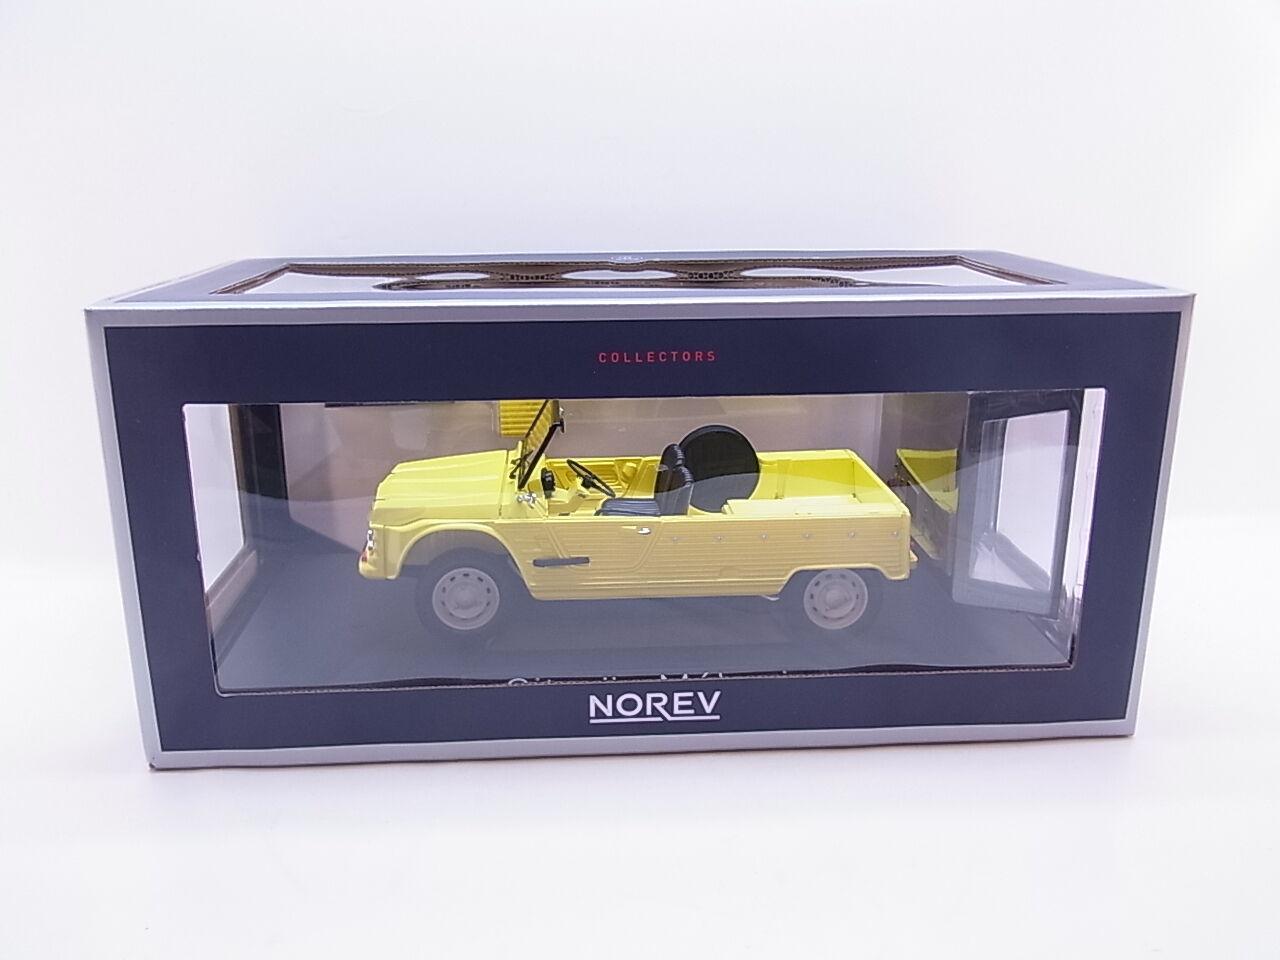 Lot 38442   NOREV 181525 CITROEN MEHARI 1983 jaune 1 18 Voiture Miniature Nouveau dans neuf dans sa boîte